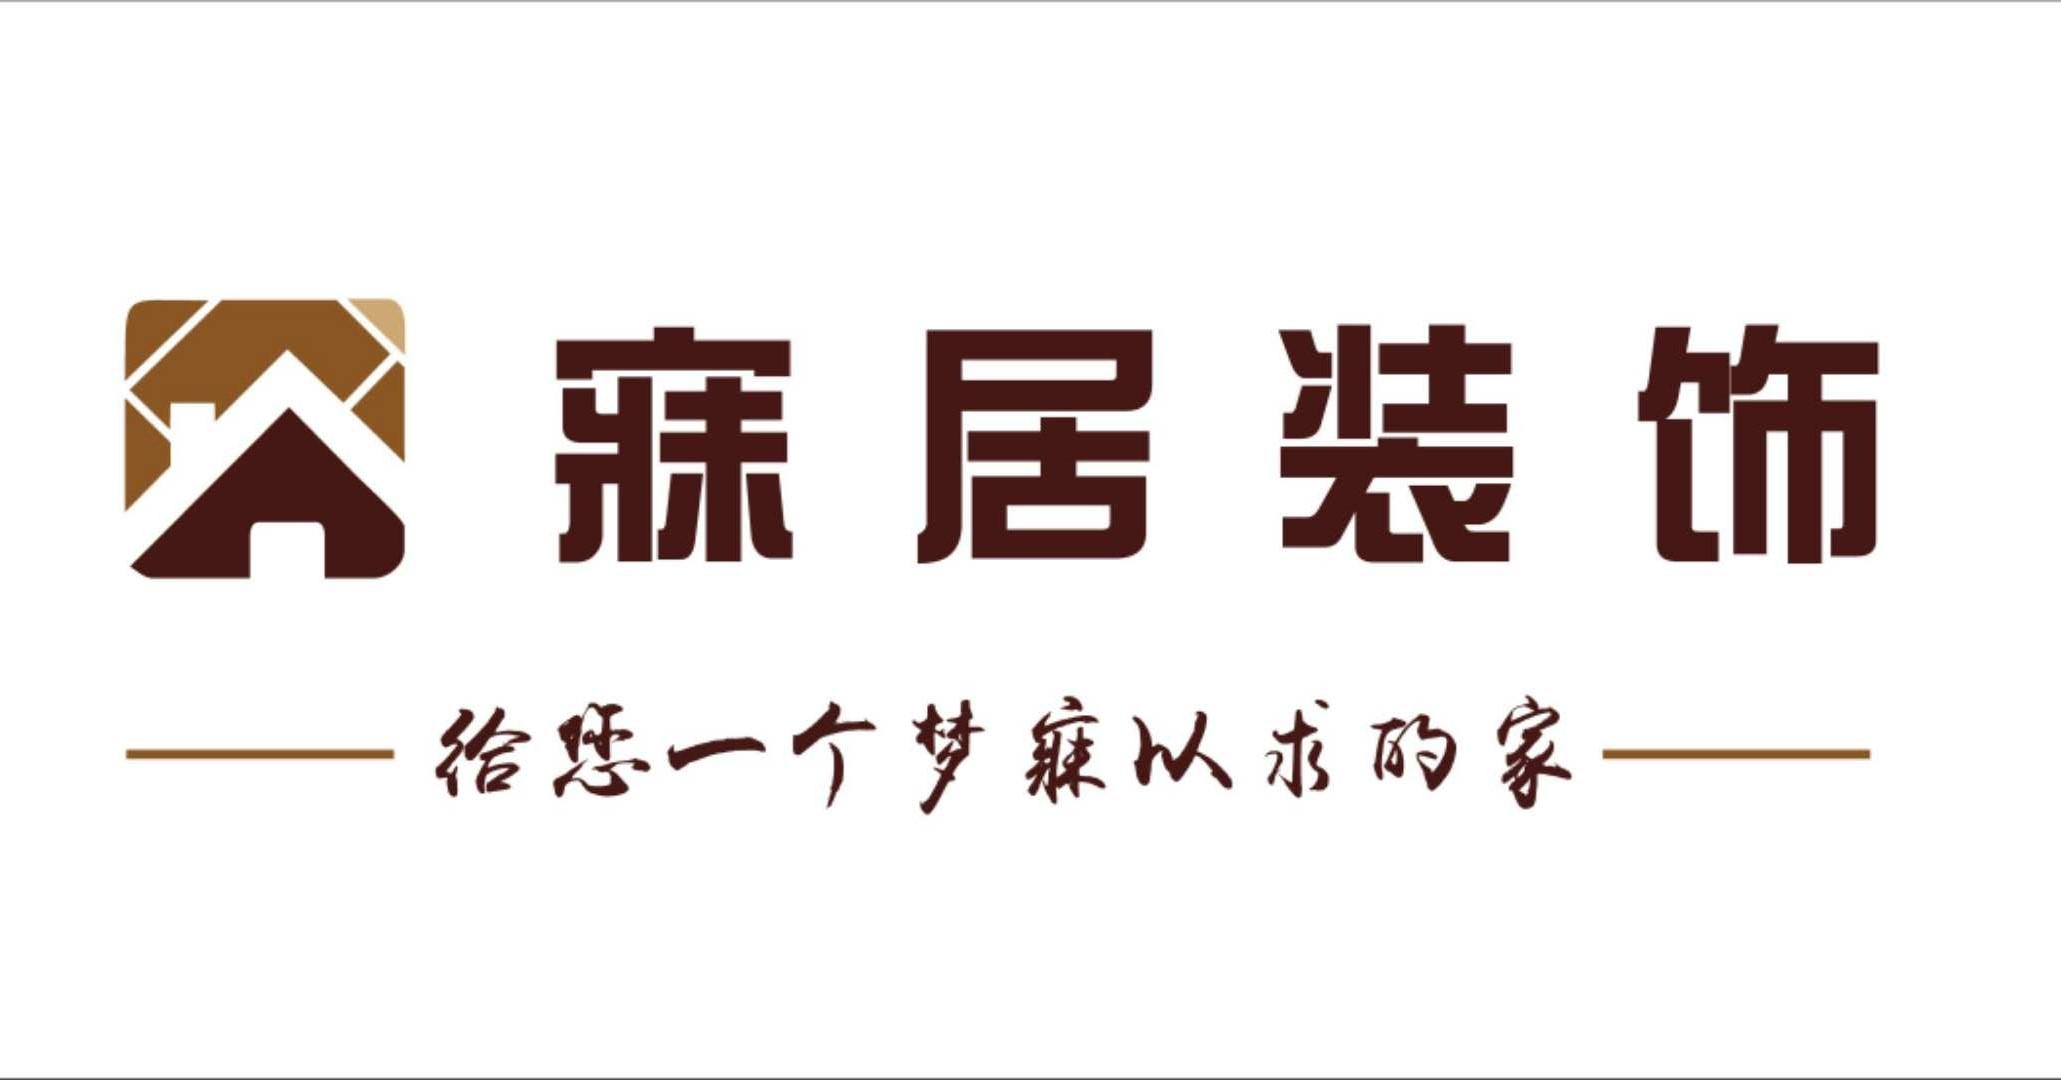 江西南昌市寐居装饰工程有限公司